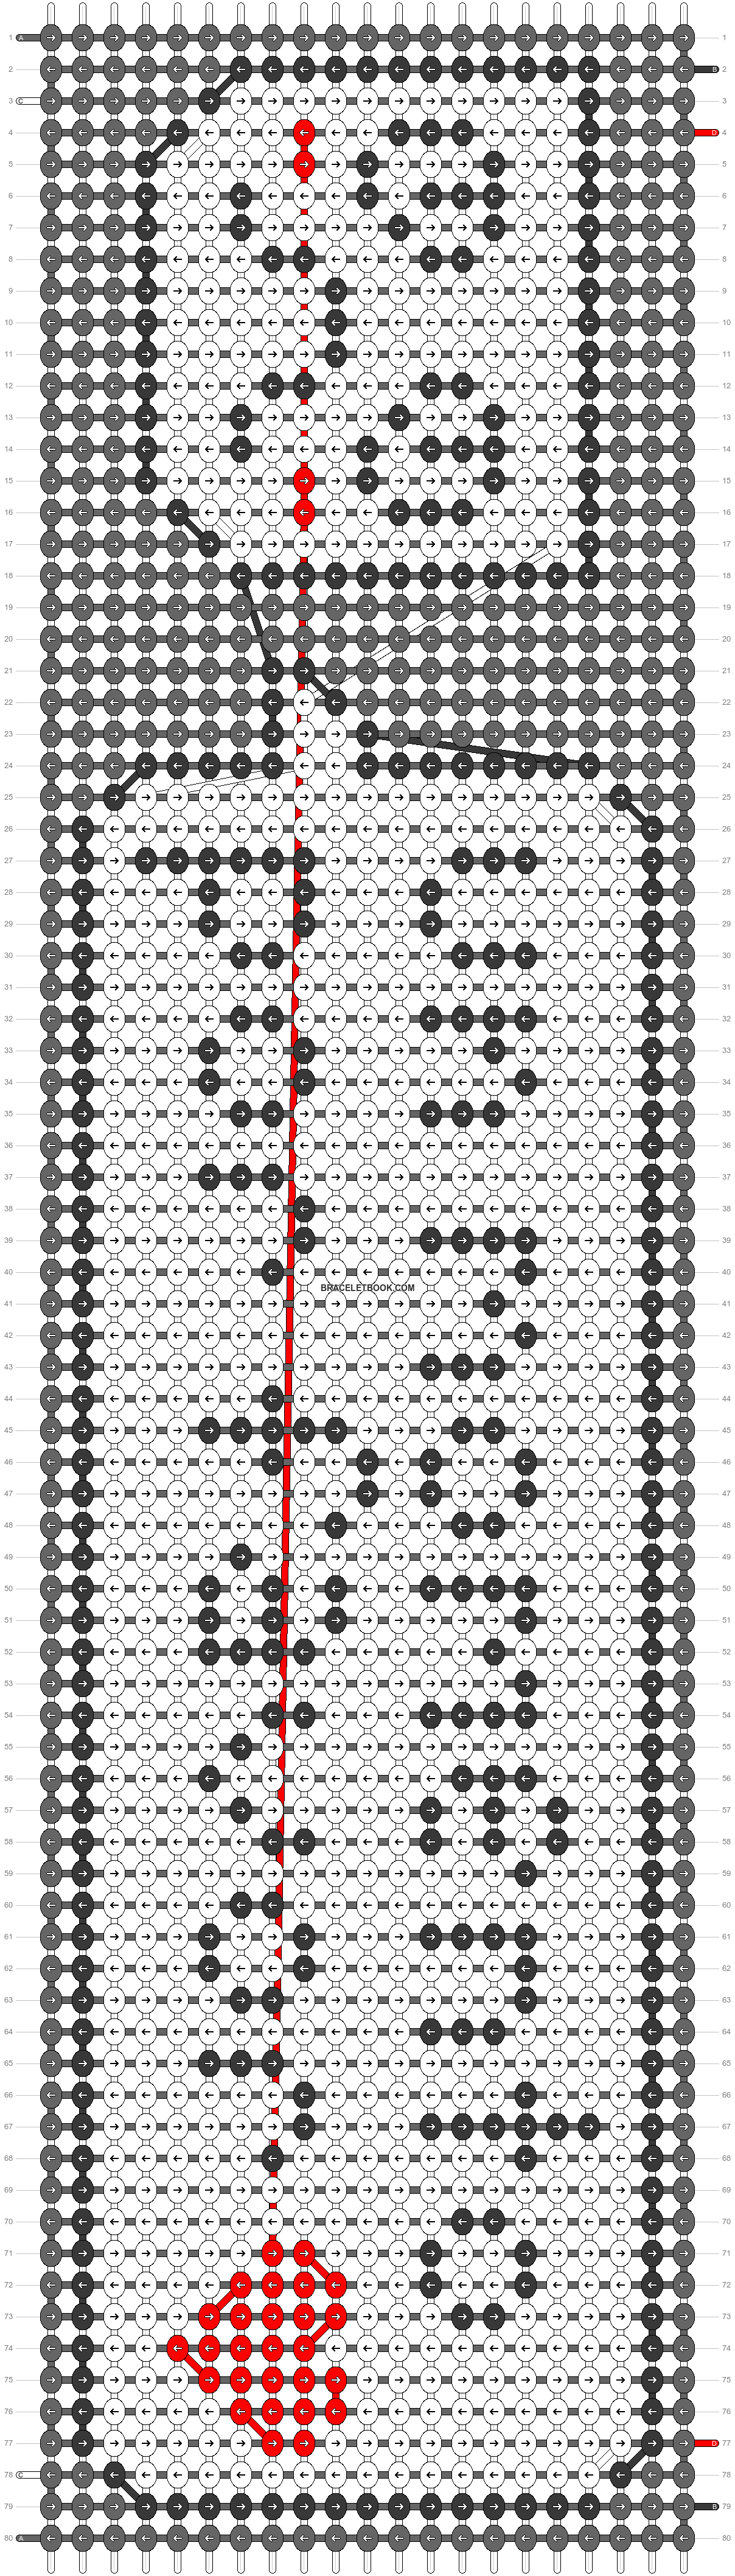 Alpha Pattern #21768 added by KatMei